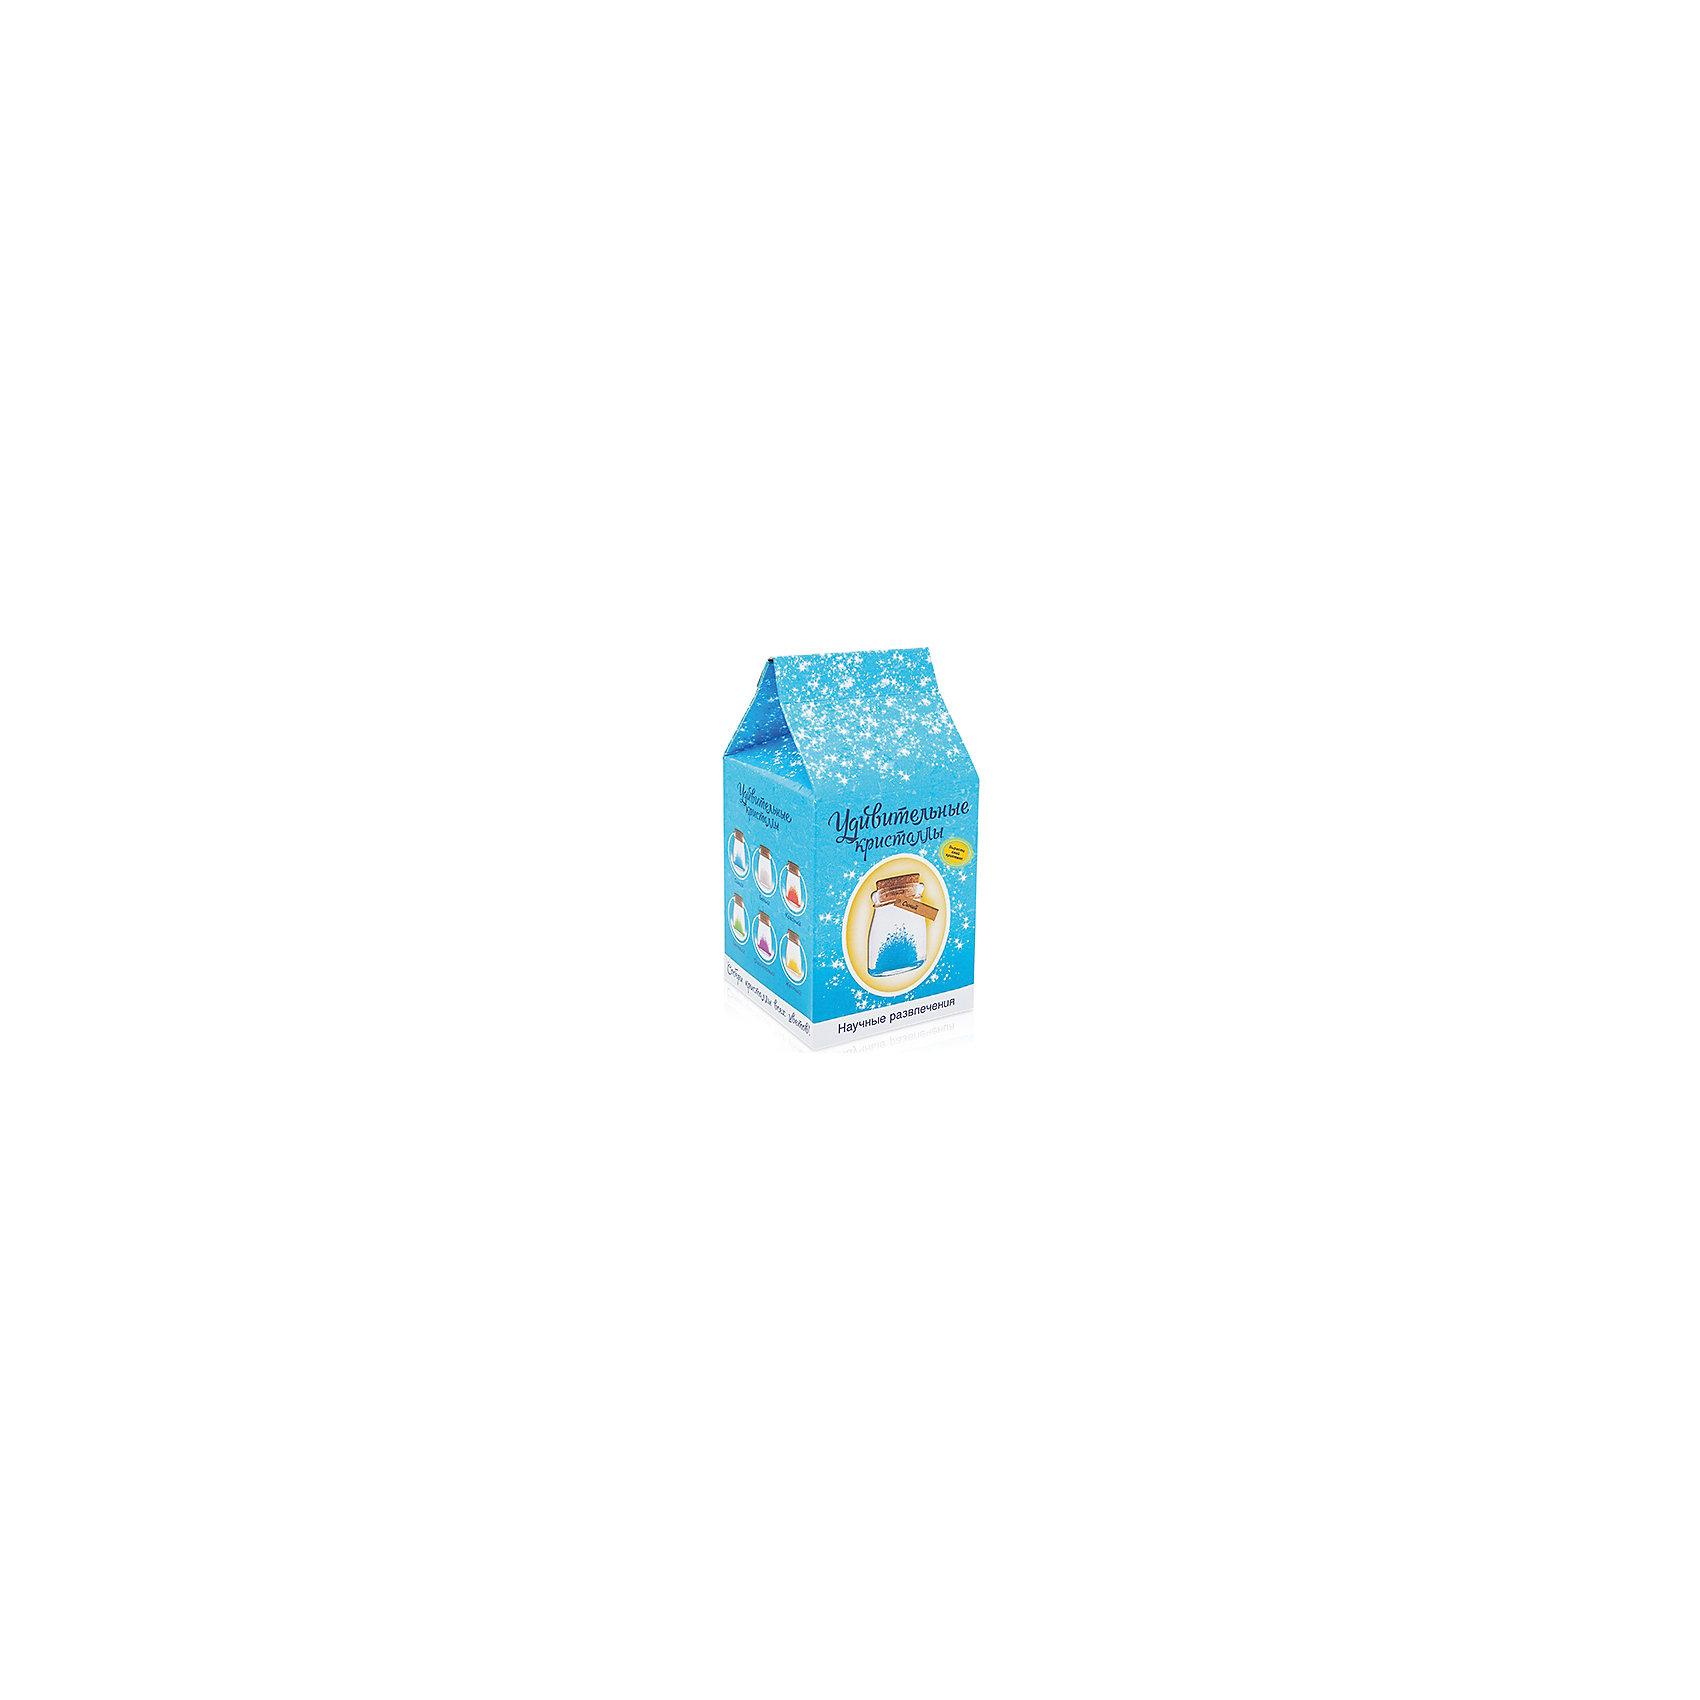 Набор для выращивания кристаллов Удивительный кристалл - Синий БумбарамВыращивание кристаллов<br>Удивительный кристалл - Синий, Бумбарам<br><br>Характеристики:<br><br>• прост в использовании<br>• пошаговая инструкция<br>• безопасные материалы<br>• привлекательная упаковка <br>• можно следить за процессом<br>• в наборе: баночка, кристаллический порошок, кристаллическая таблетка, палочка, веревочка, пробка, карточка, инструкция<br>• размер упаковки: 15х8 см<br>• вес: 250 грамм<br>• цвет: синий<br><br>Удивительный кристалл - набор для творчества. Он хорошо развивает усидчивость и внимательность. С его помощью ребенок сможет сделать прекрасный подарок своими руками. Инструкция очень проста: нужно налить воды в баночку, добавить в нее порошок и тщательно перемешать. Затем положить волшебную таблетку и закрыть баночку крышкой. Через несколько часов можно снять крышку. Через 14-20 дней волшебный кристалл готов! Готовая композиция особенно красиво смотрится под лампой. Удивительный кристалл - прекрасный выбор для начинающего алхимика!<br><br>Удивительный кристалл - Синий, Бумбарам вы можете приобрести в нашем интернет-магазине.<br><br>Ширина мм: 75<br>Глубина мм: 75<br>Высота мм: 150<br>Вес г: 250<br>Возраст от месяцев: 168<br>Возраст до месяцев: 240<br>Пол: Унисекс<br>Возраст: Детский<br>SKU: 5053950